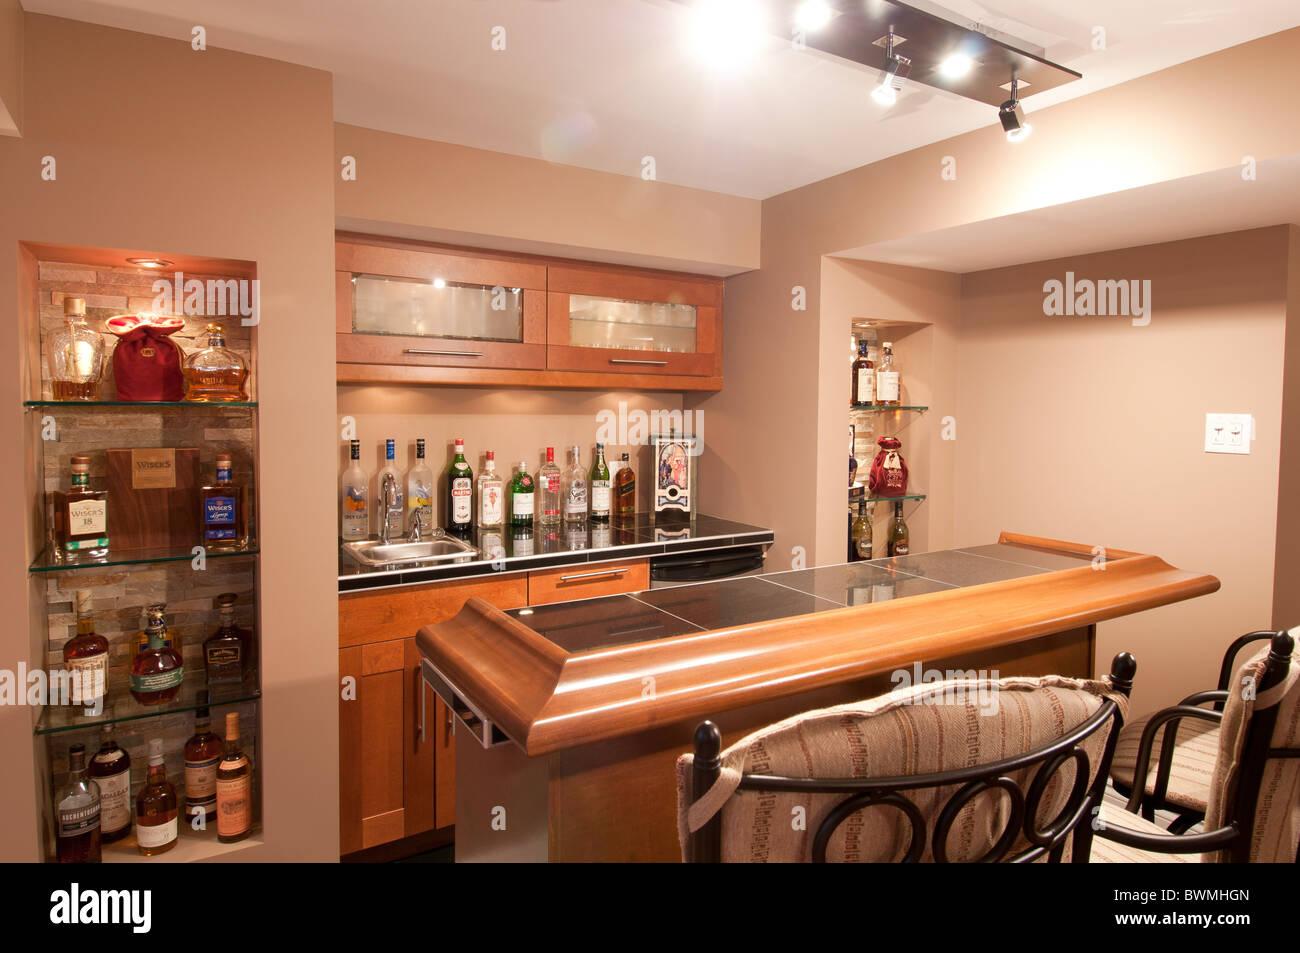 Home Bar Stockfotos & Home Bar Bilder - Alamy